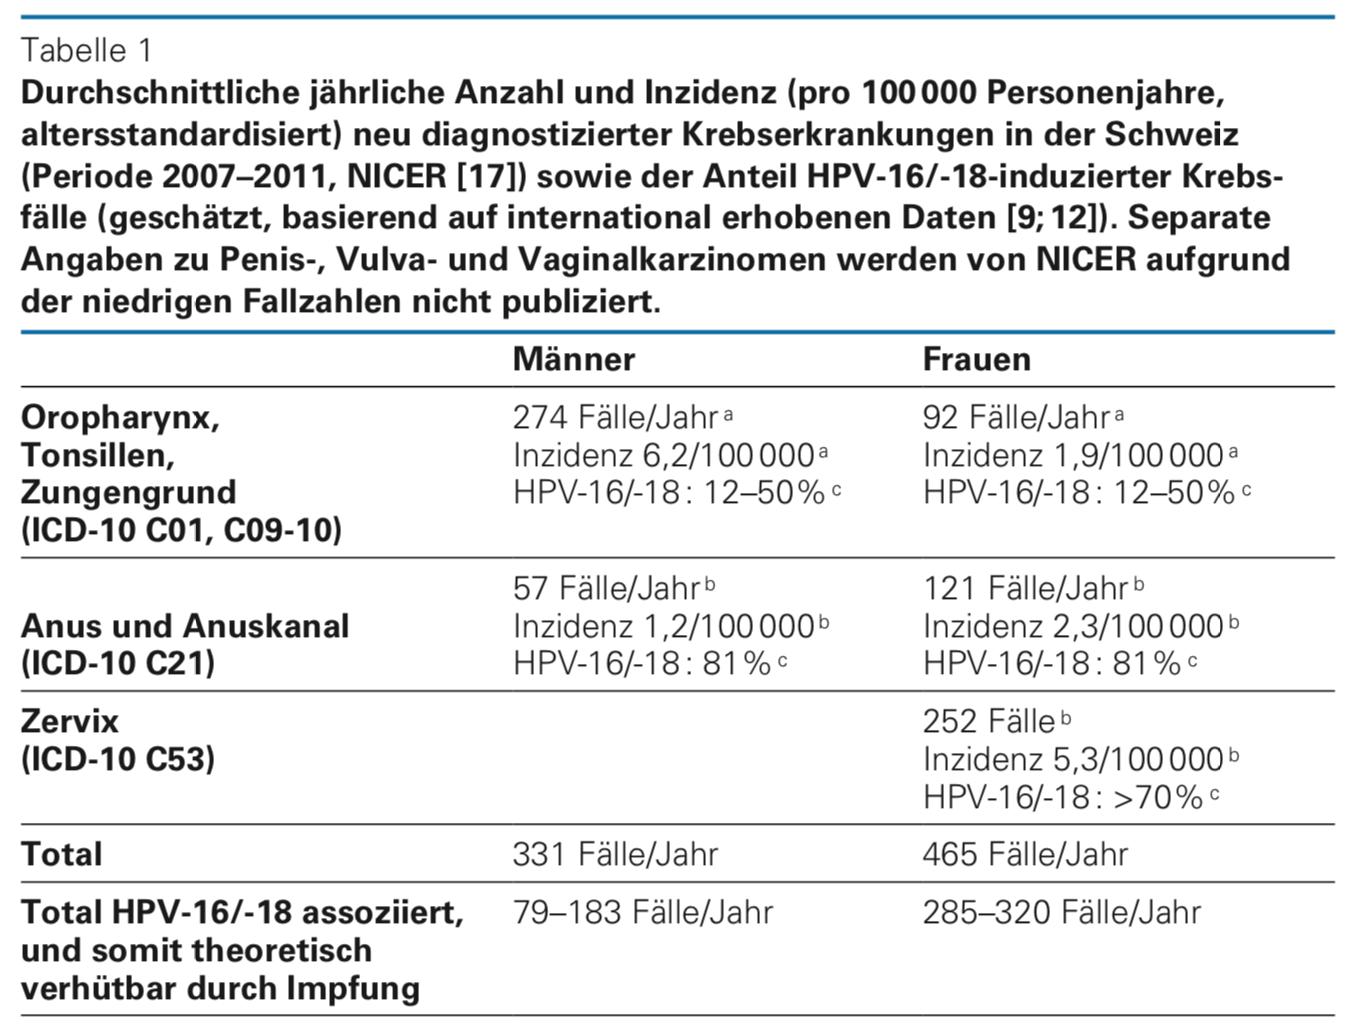 Giardia tratament adulti, HPV vírus c quoi le papillomavirus